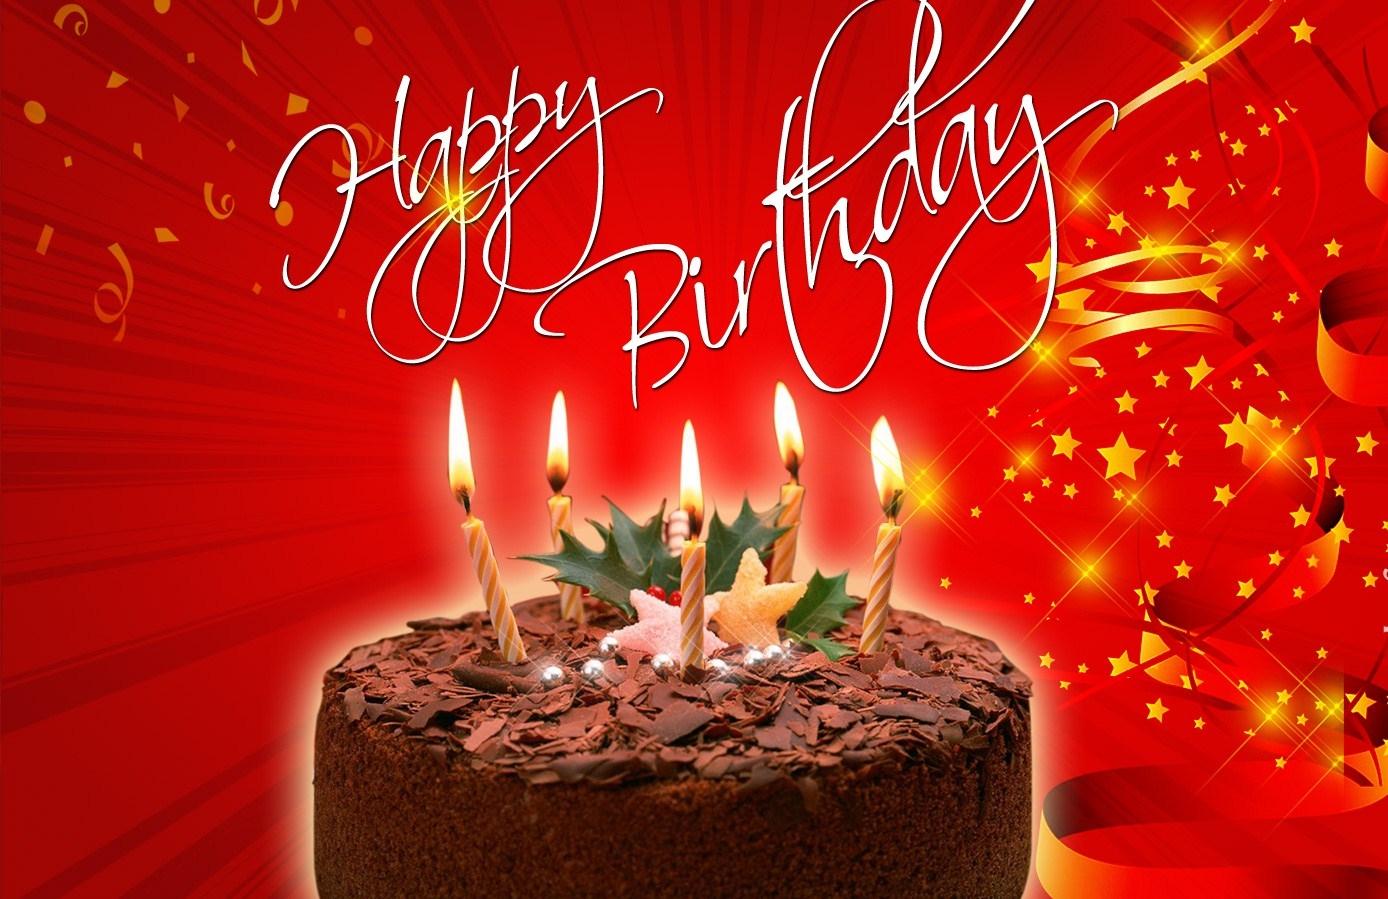 Поздравления с днем рождения на английском языке мужчине